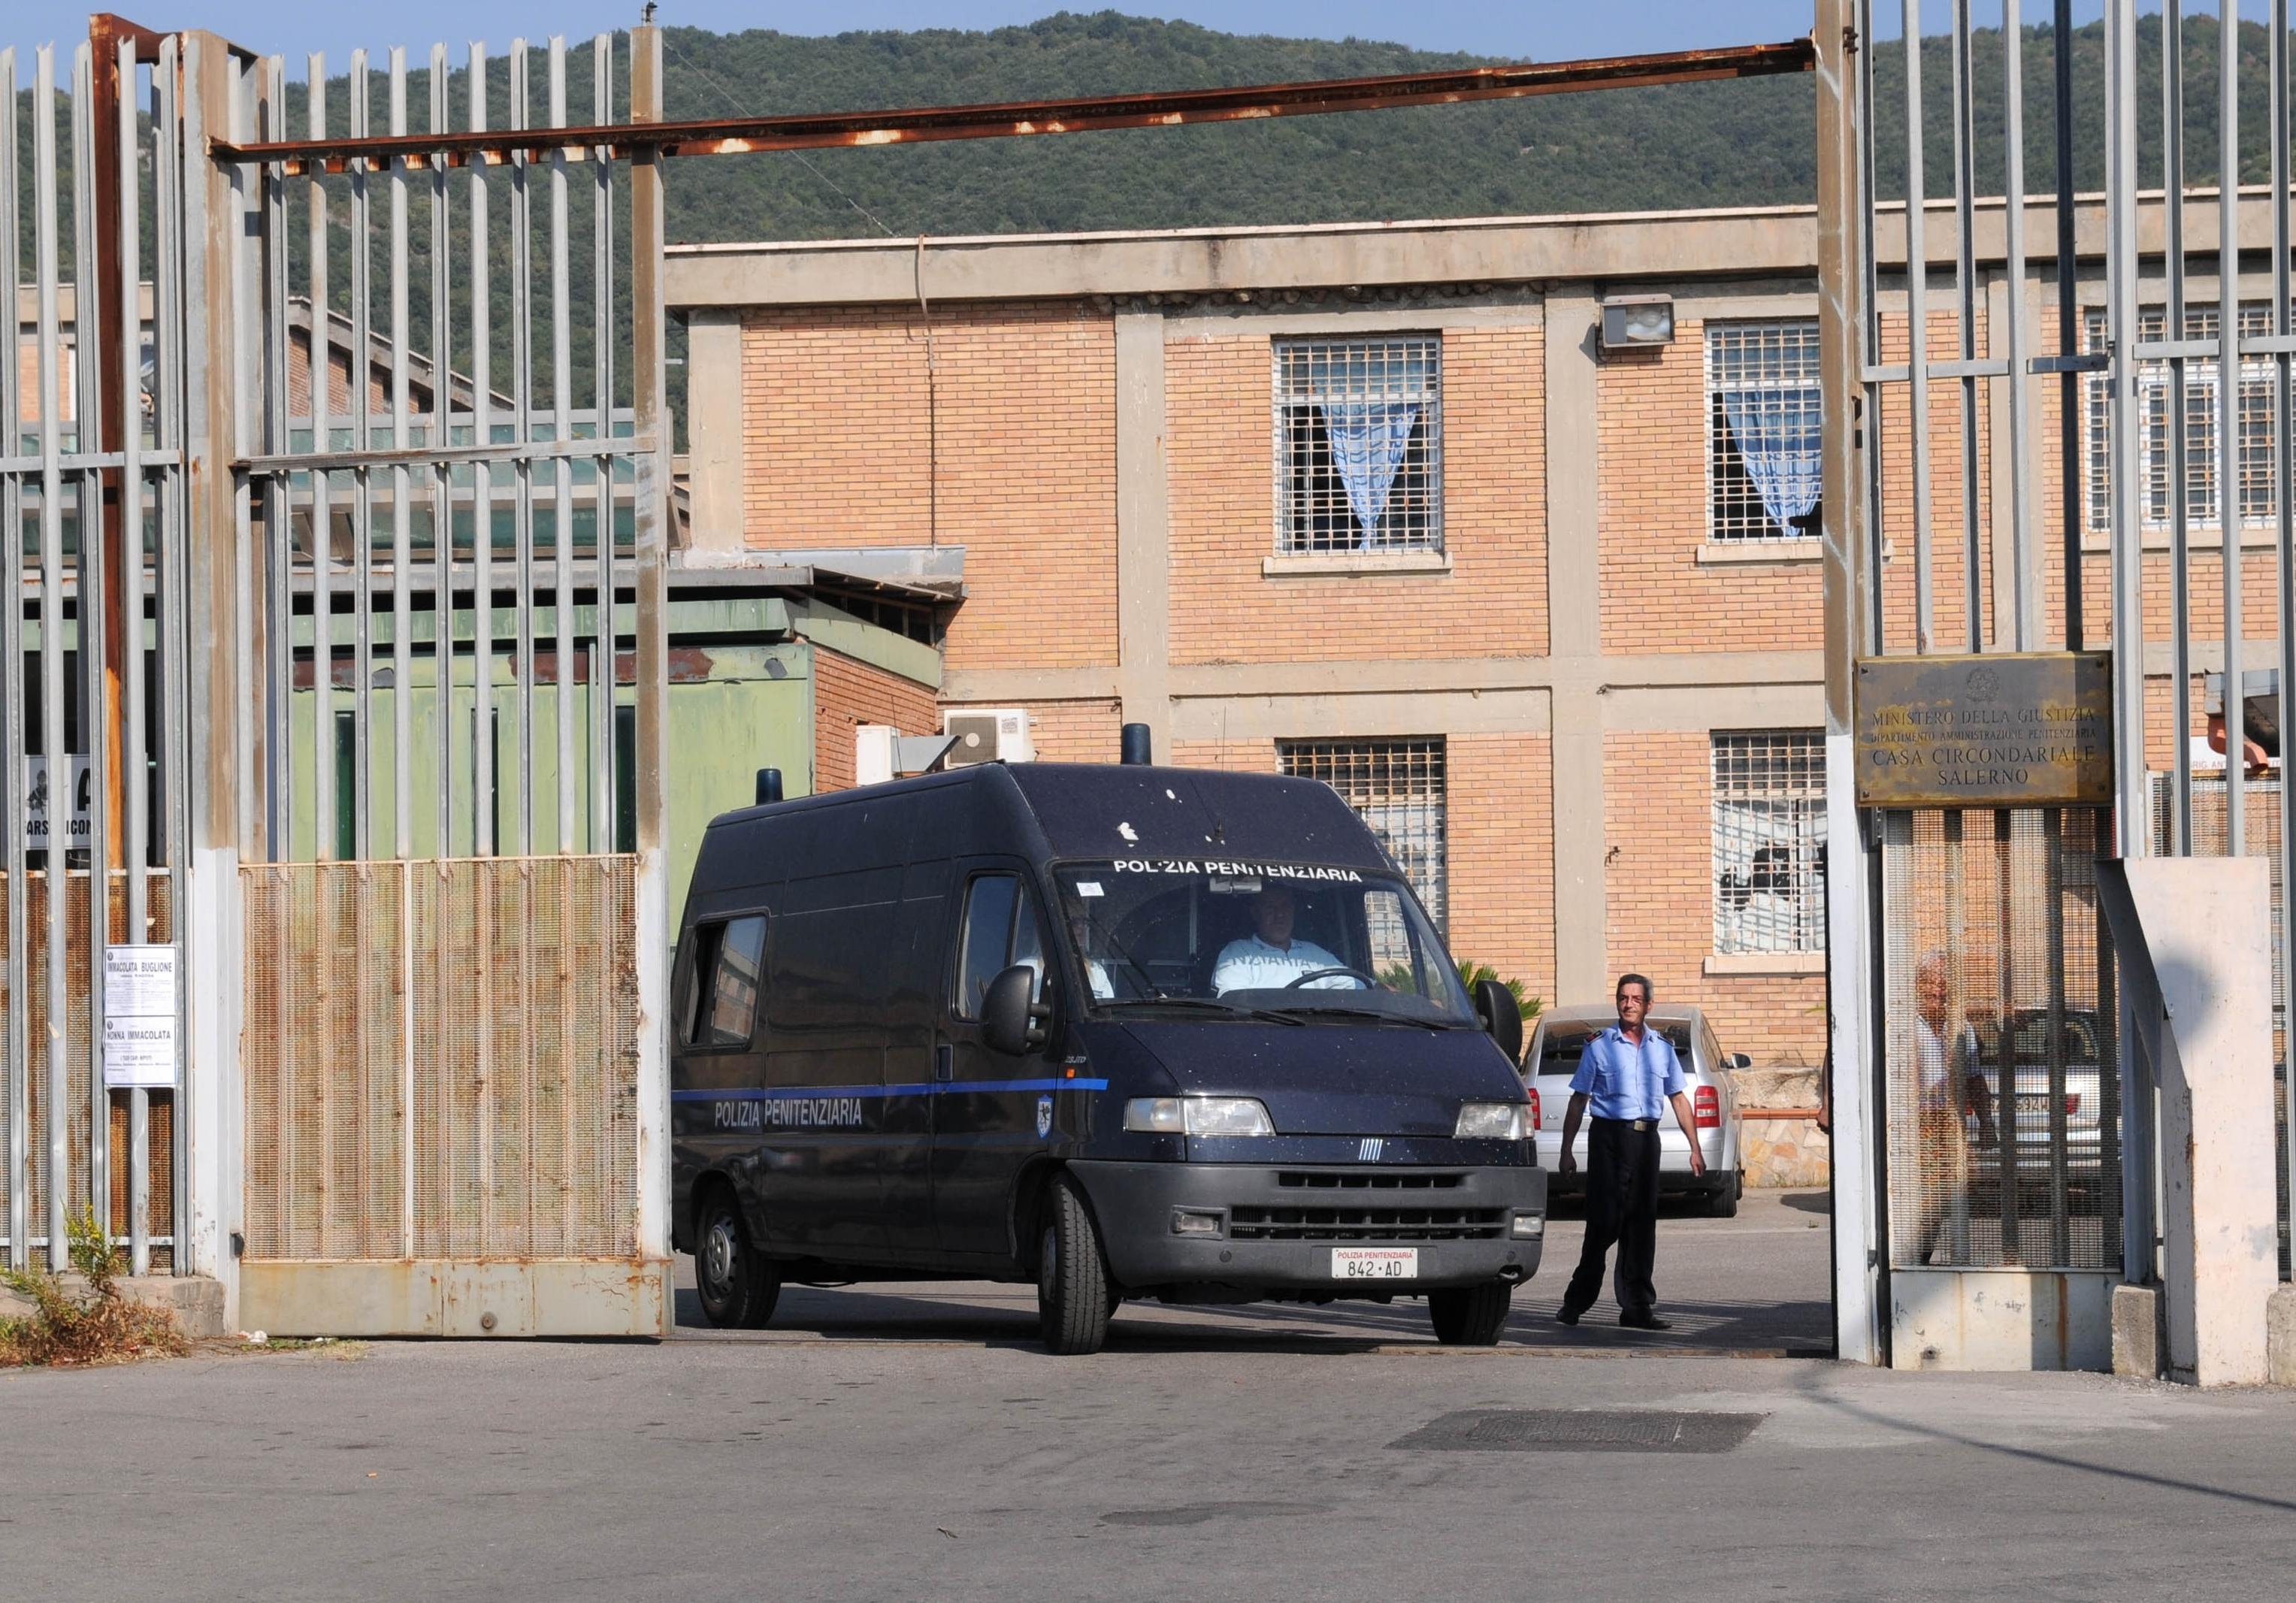 1c4d11e69c Droga e cellulari nel carcere di Salerno, blitz della Polizia penitenziaria  | Macchie d'inkiostro